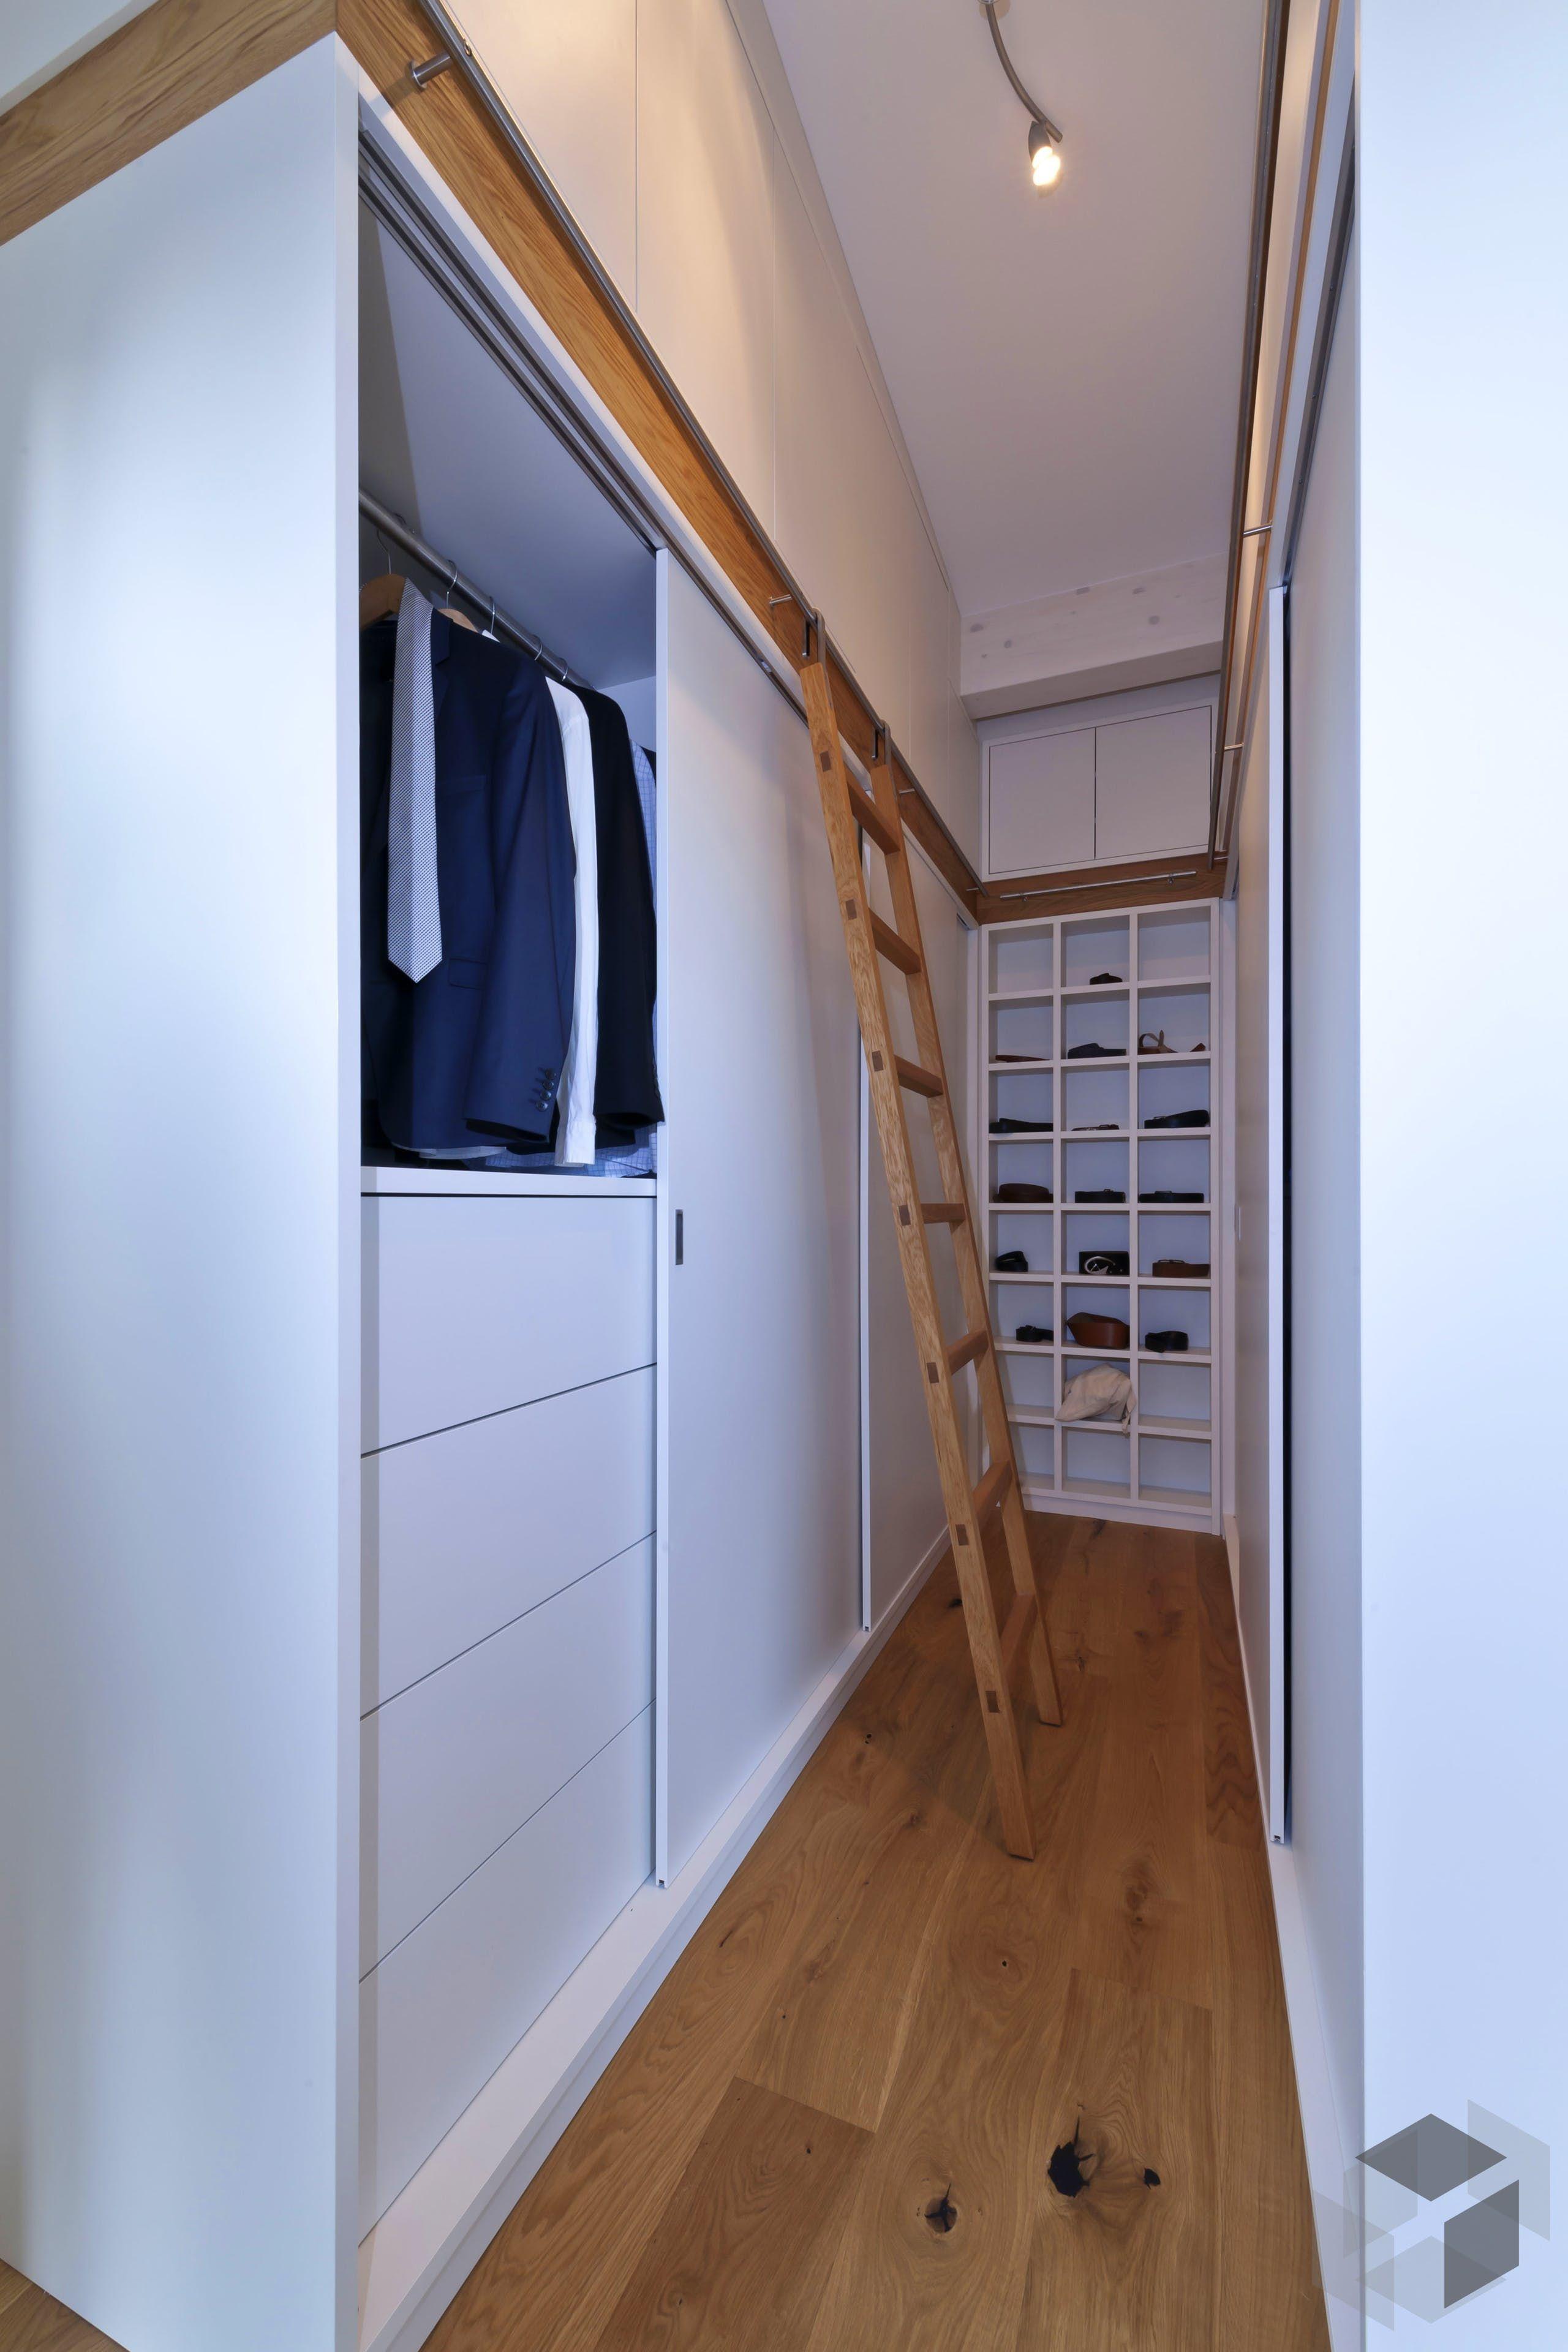 Bullinger Kundenhaus Von Baufritz Fertighaus De Bau In 2020 Begehbarer Kleiderschrank Begehbarer Kleiderschrank Ideen Begehbarer Kleiderschrank Klein